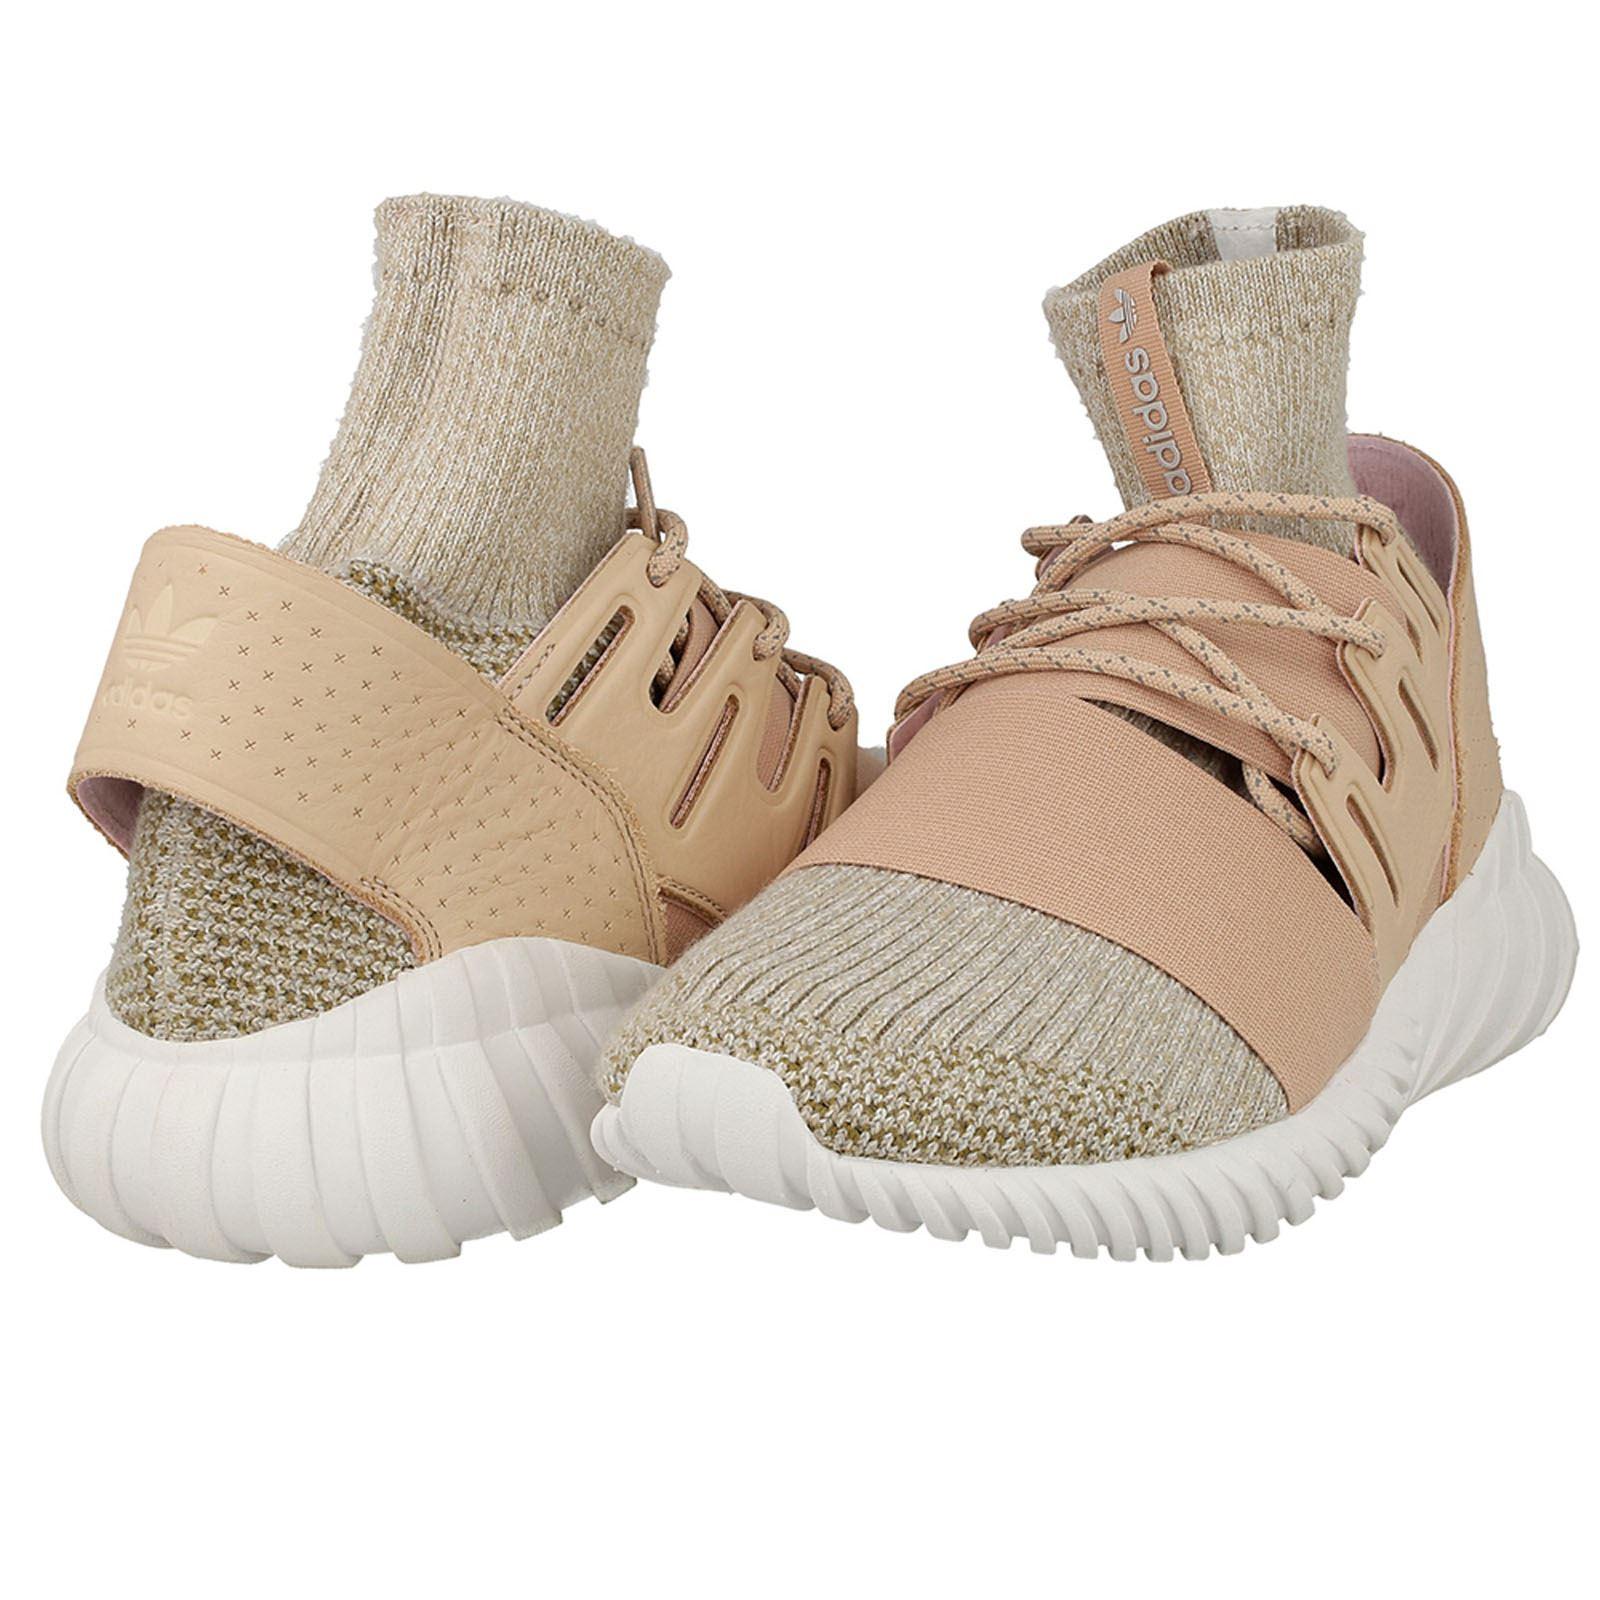 Adidas-Tubular-Doom-Herren-Sneaker-Stiefel-Originals-Primeknit-UK-3-5-bis-12-nur